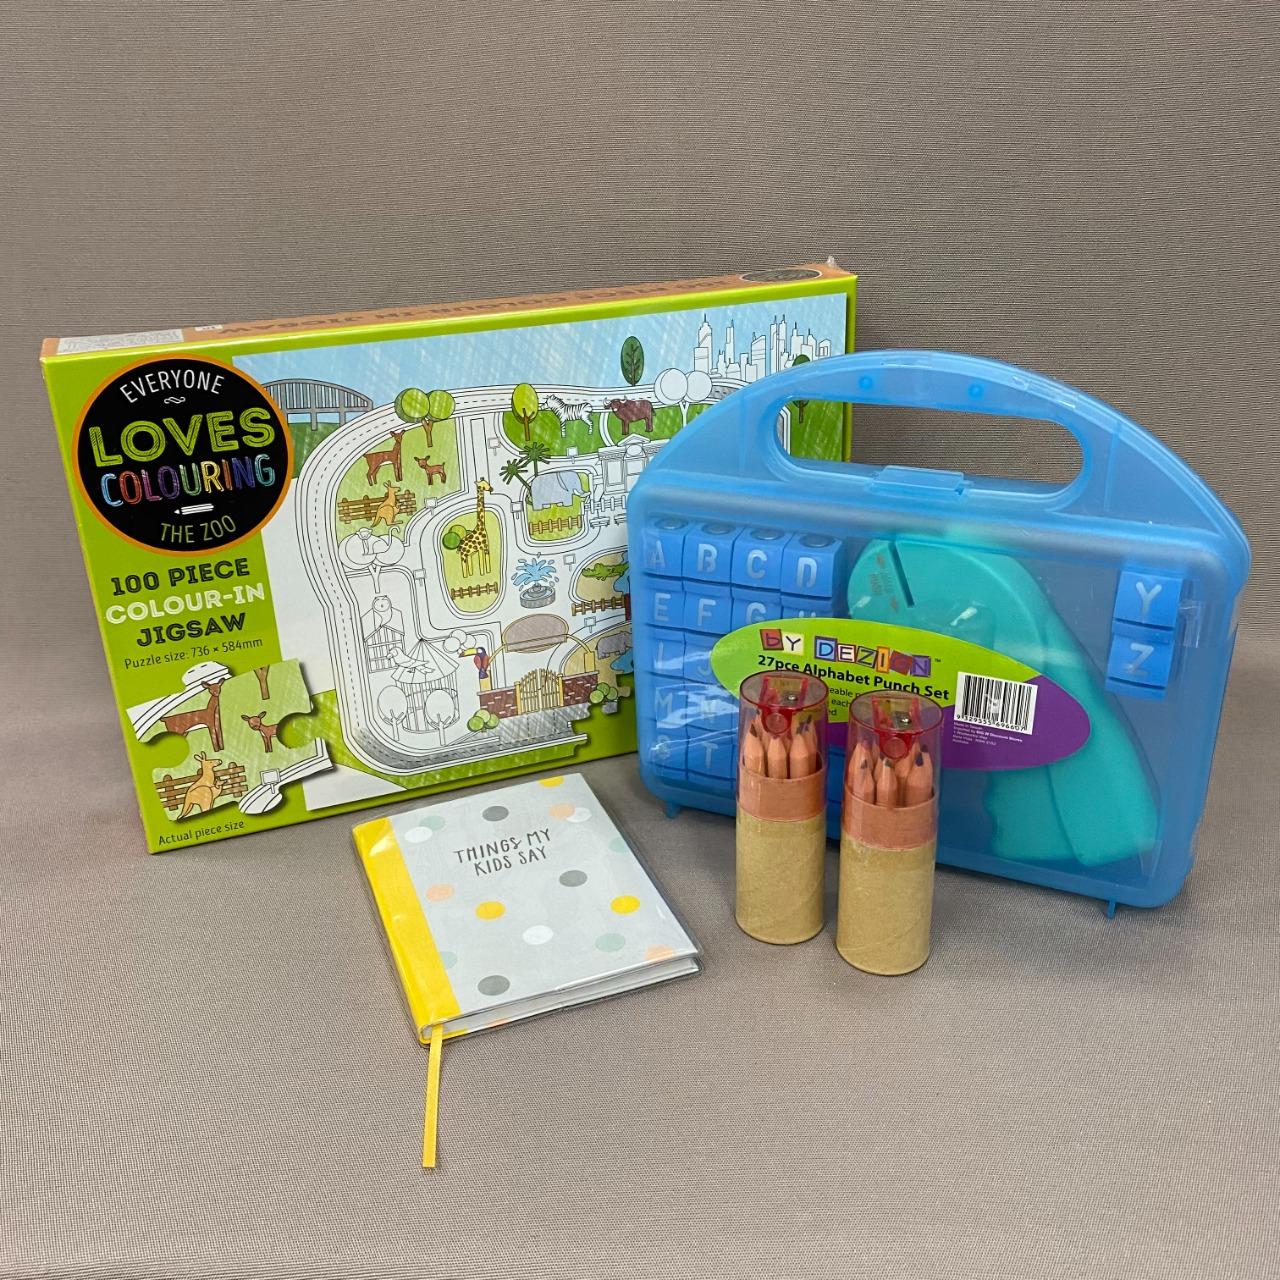 Kids Colour Jigsaw + Alphabet Punch Set Bundle